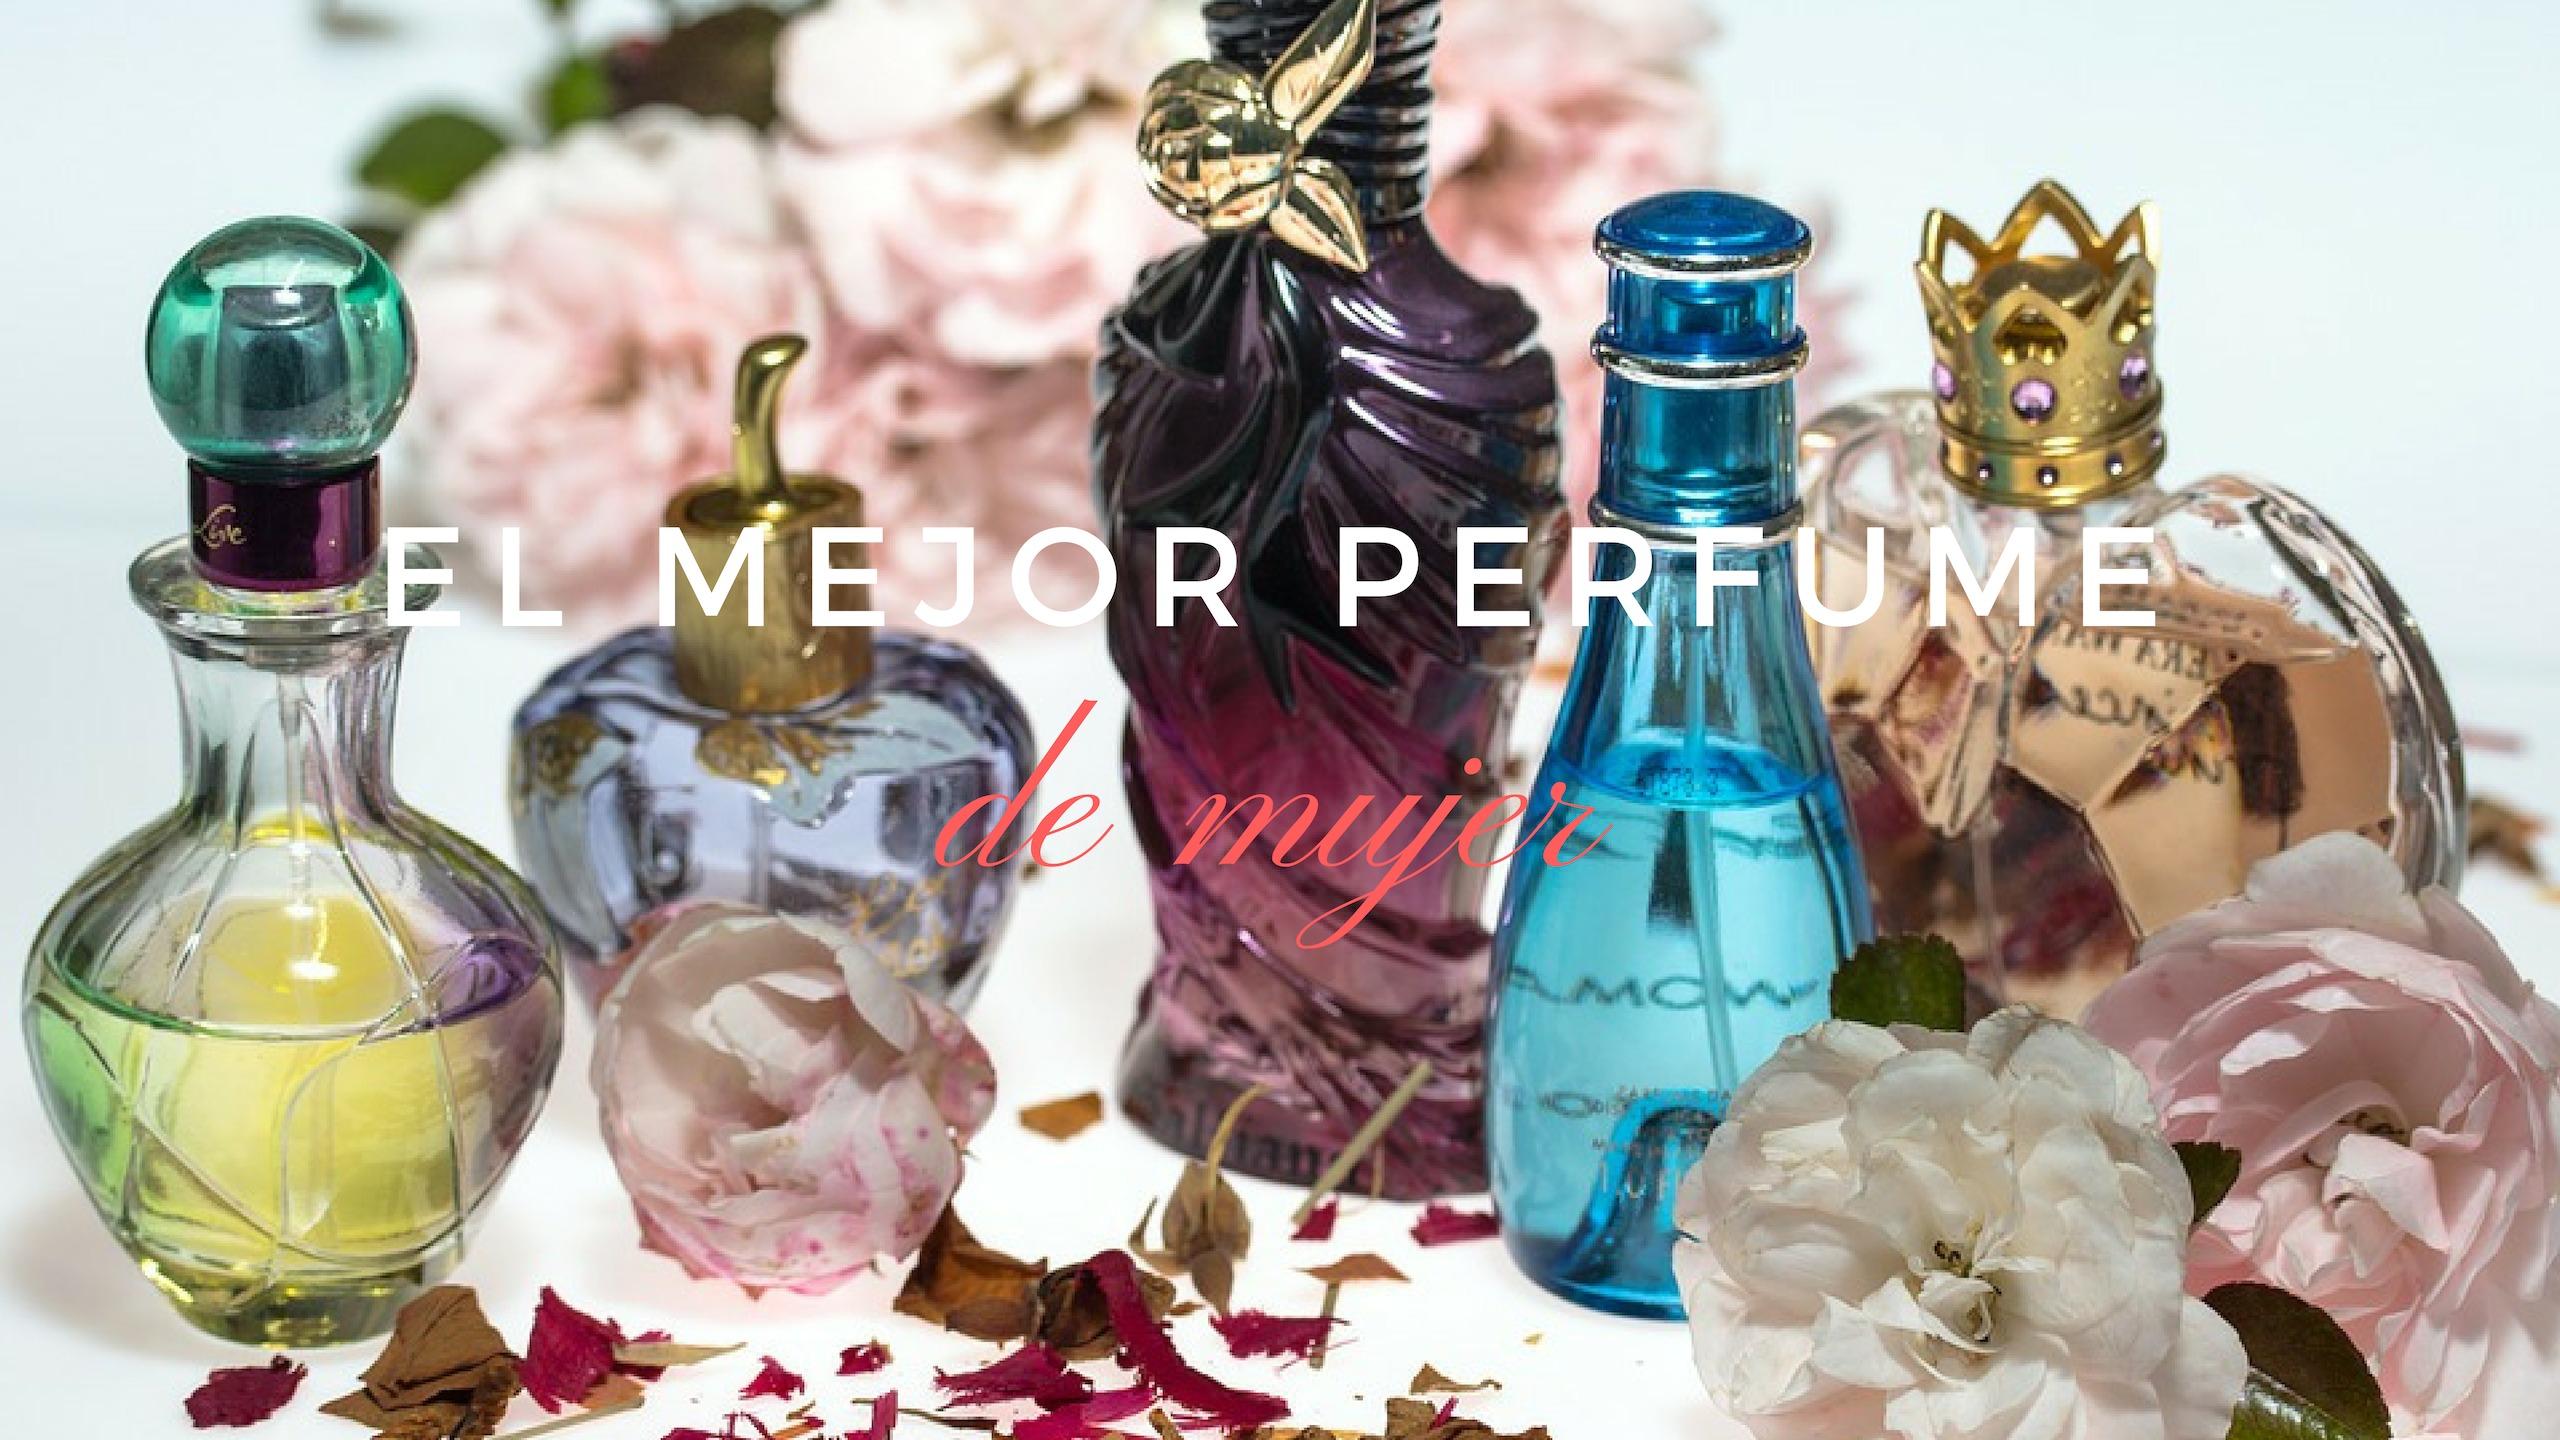 google-plus-el-mejor-perfume-de-mujer El Mejor Perfume de Mujer